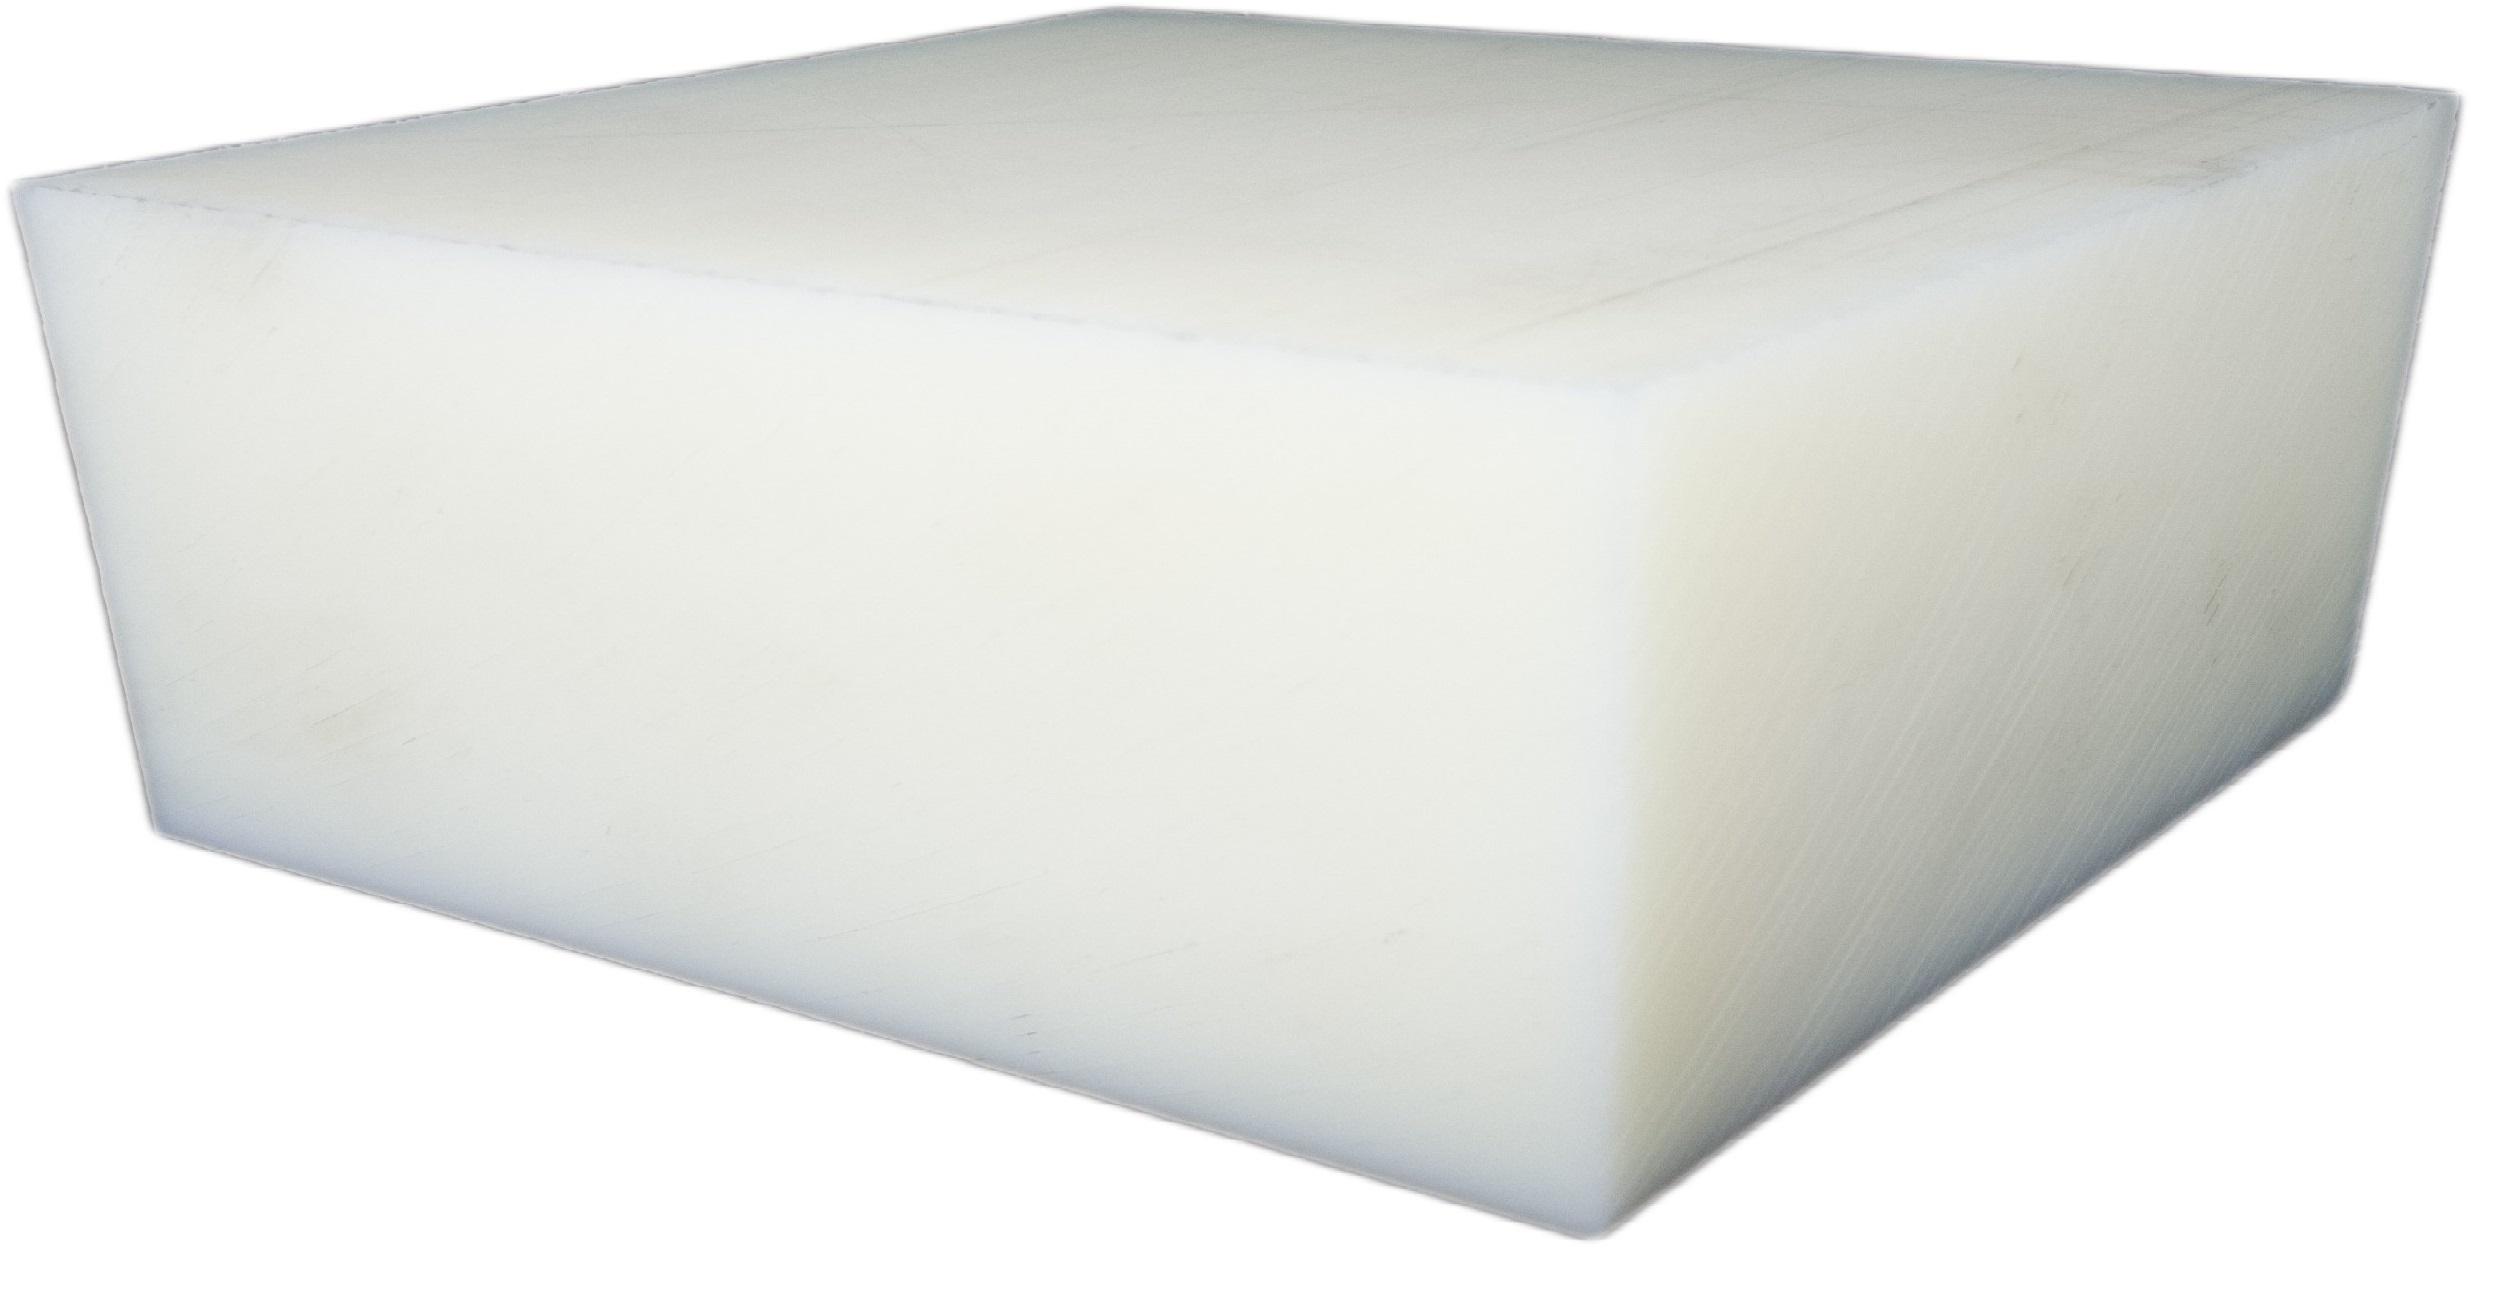 3331fbd7aa30b7 Płyta poliamid PA6-G 30x100x100 mm 6937141182 - Allegro.pl